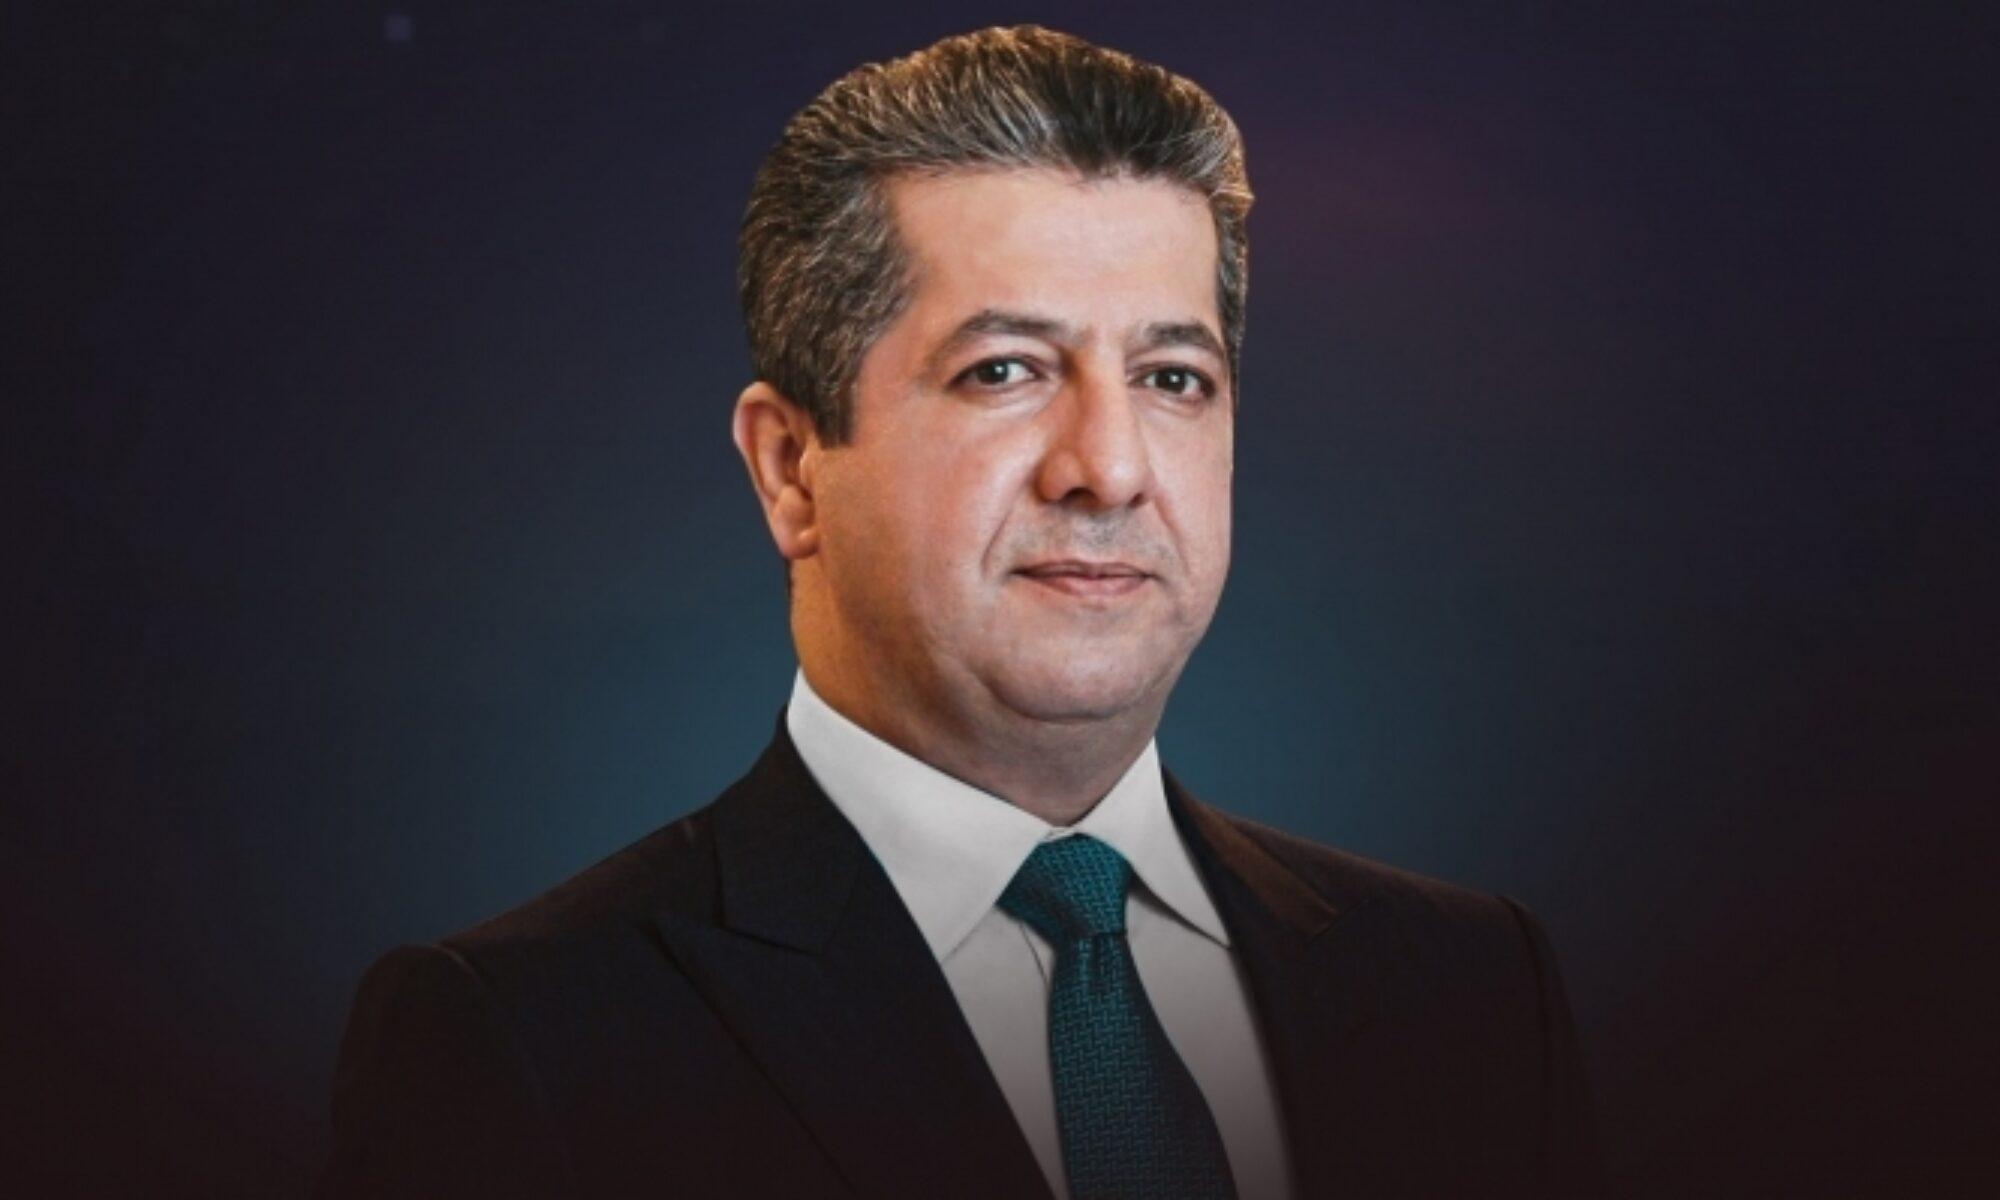 Başbakan Mesrur Barzani'den Prens Philip için başsağlığı mesajı